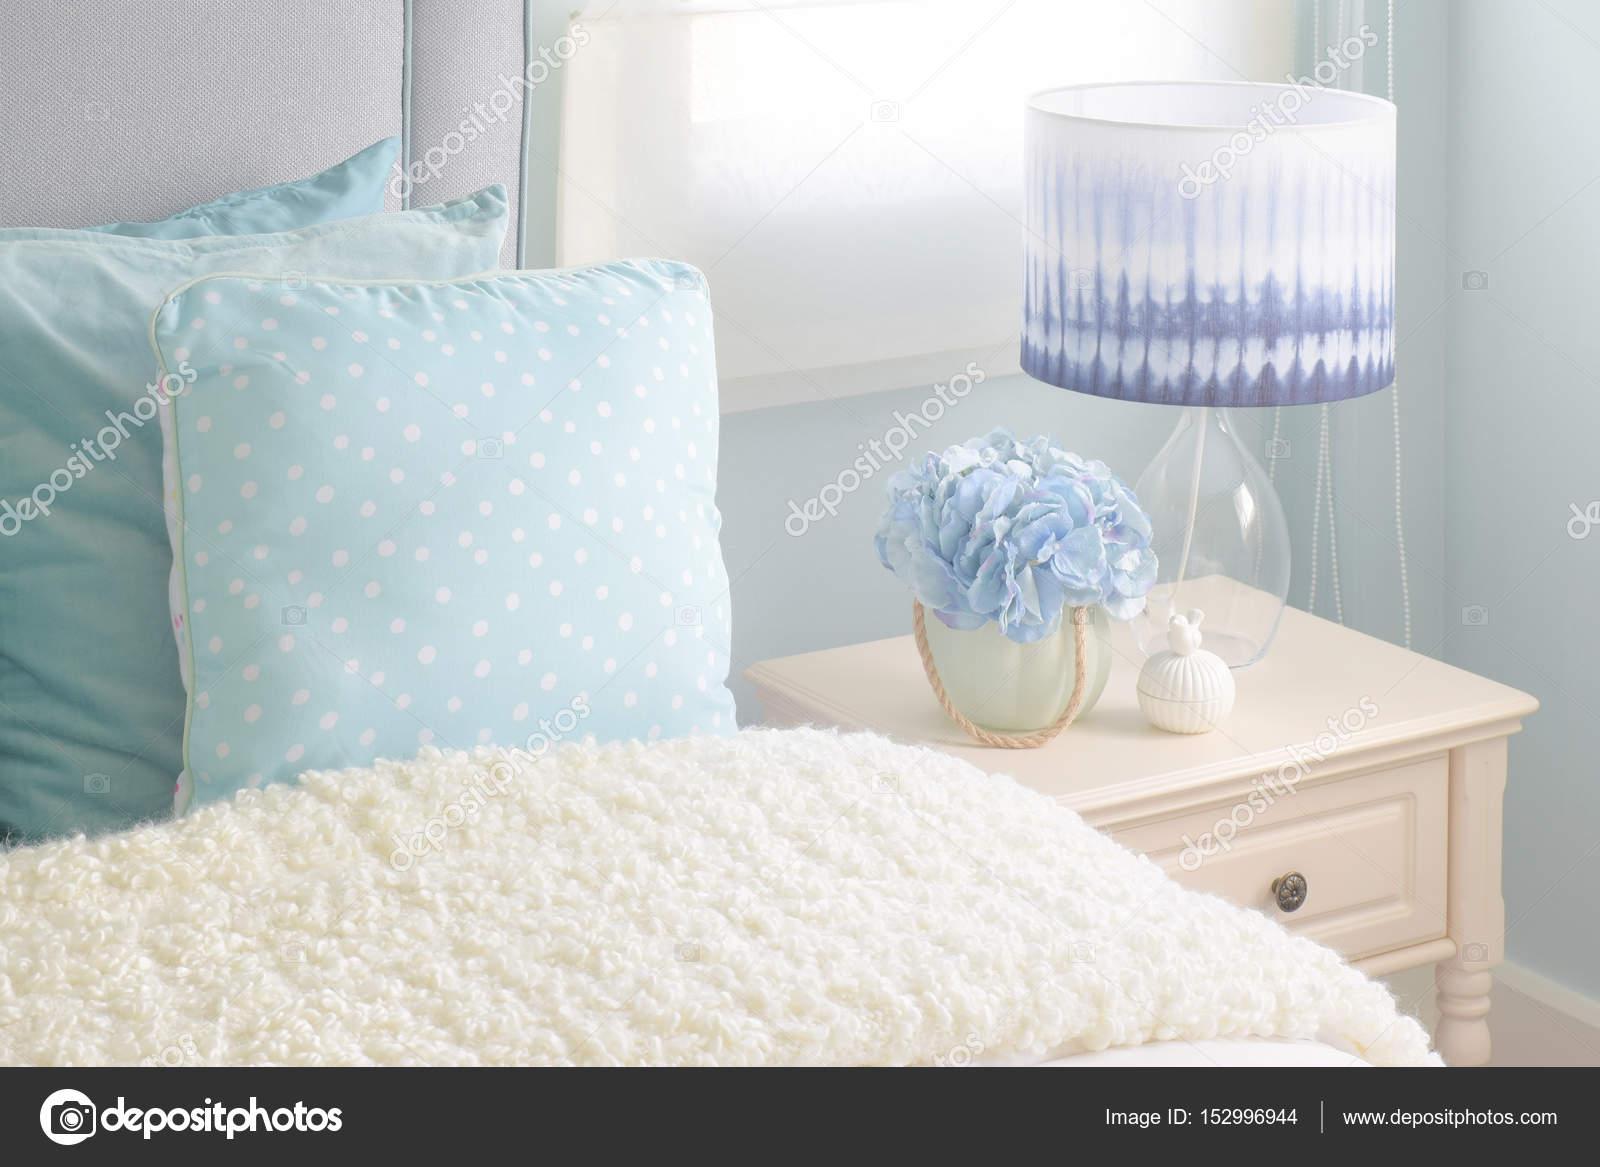 AuBergewohnlich Leichte Blaue Kissen Und Creme Wattierte Decke In Leichte Blaue Innenraum  Schlafzimmer U2014 Stockfoto